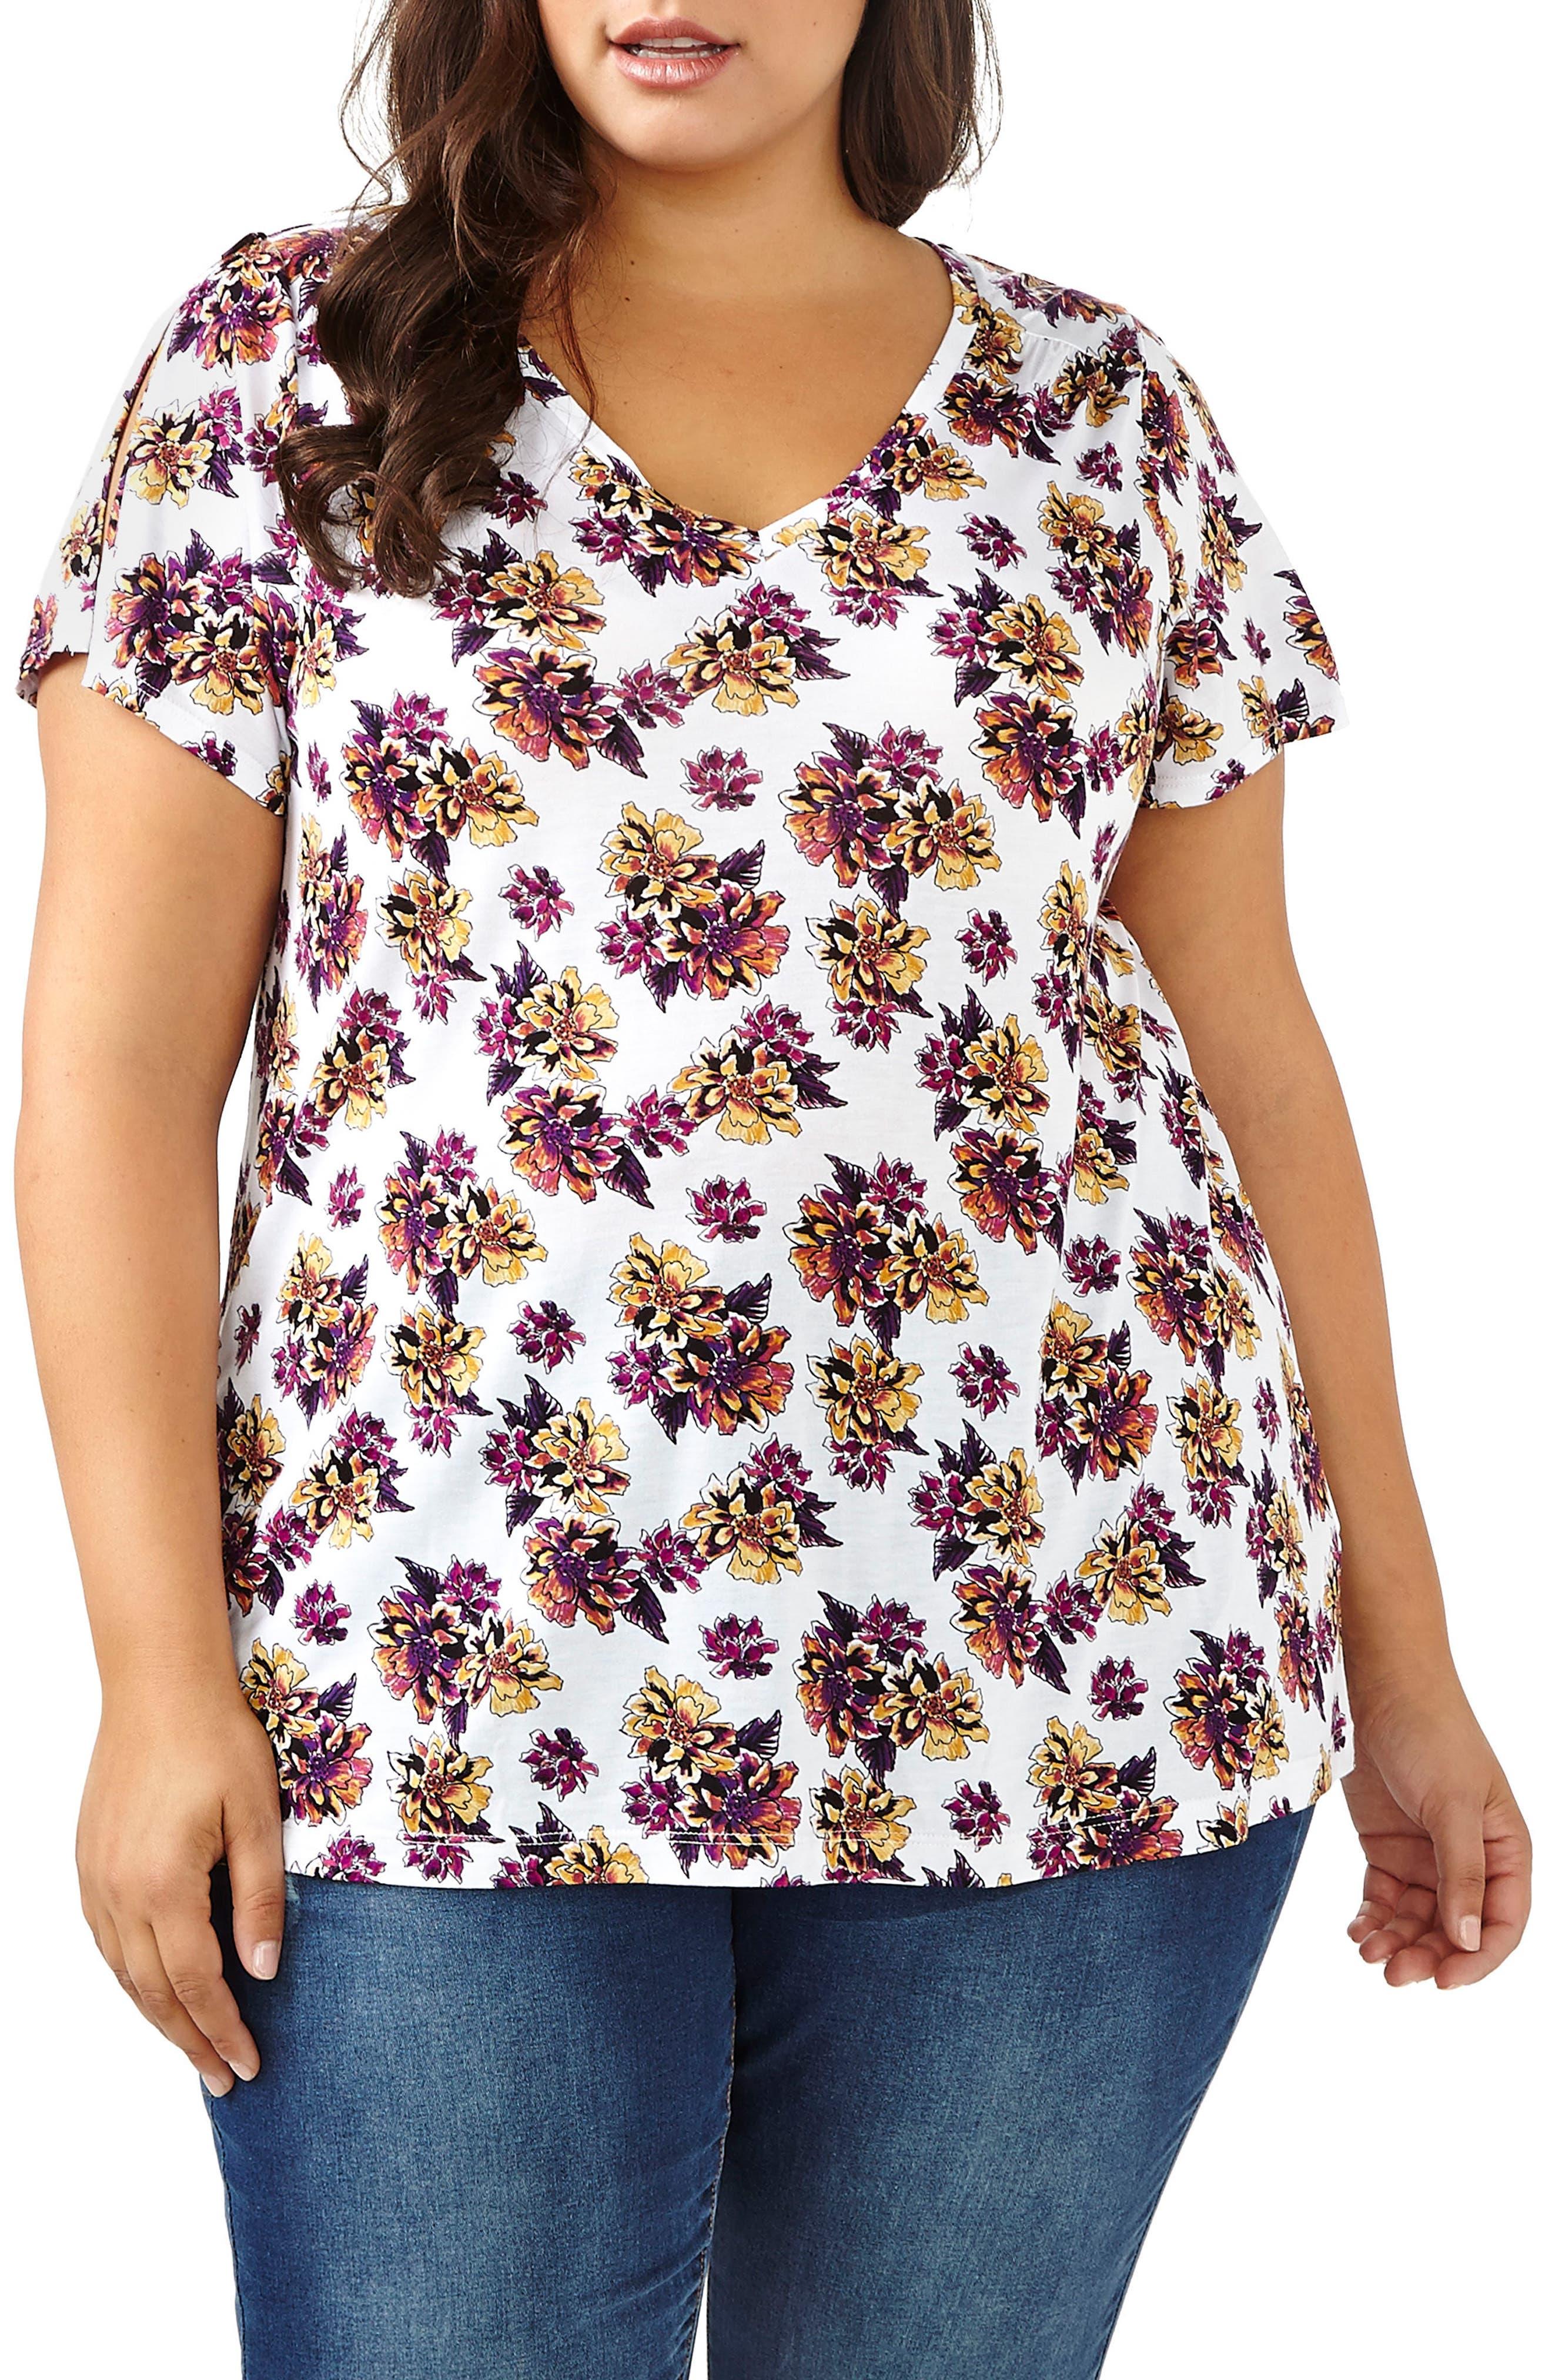 ADDITION ELLE LOVE AND LEGEND Floral Cutout Back Top (Plus Size)